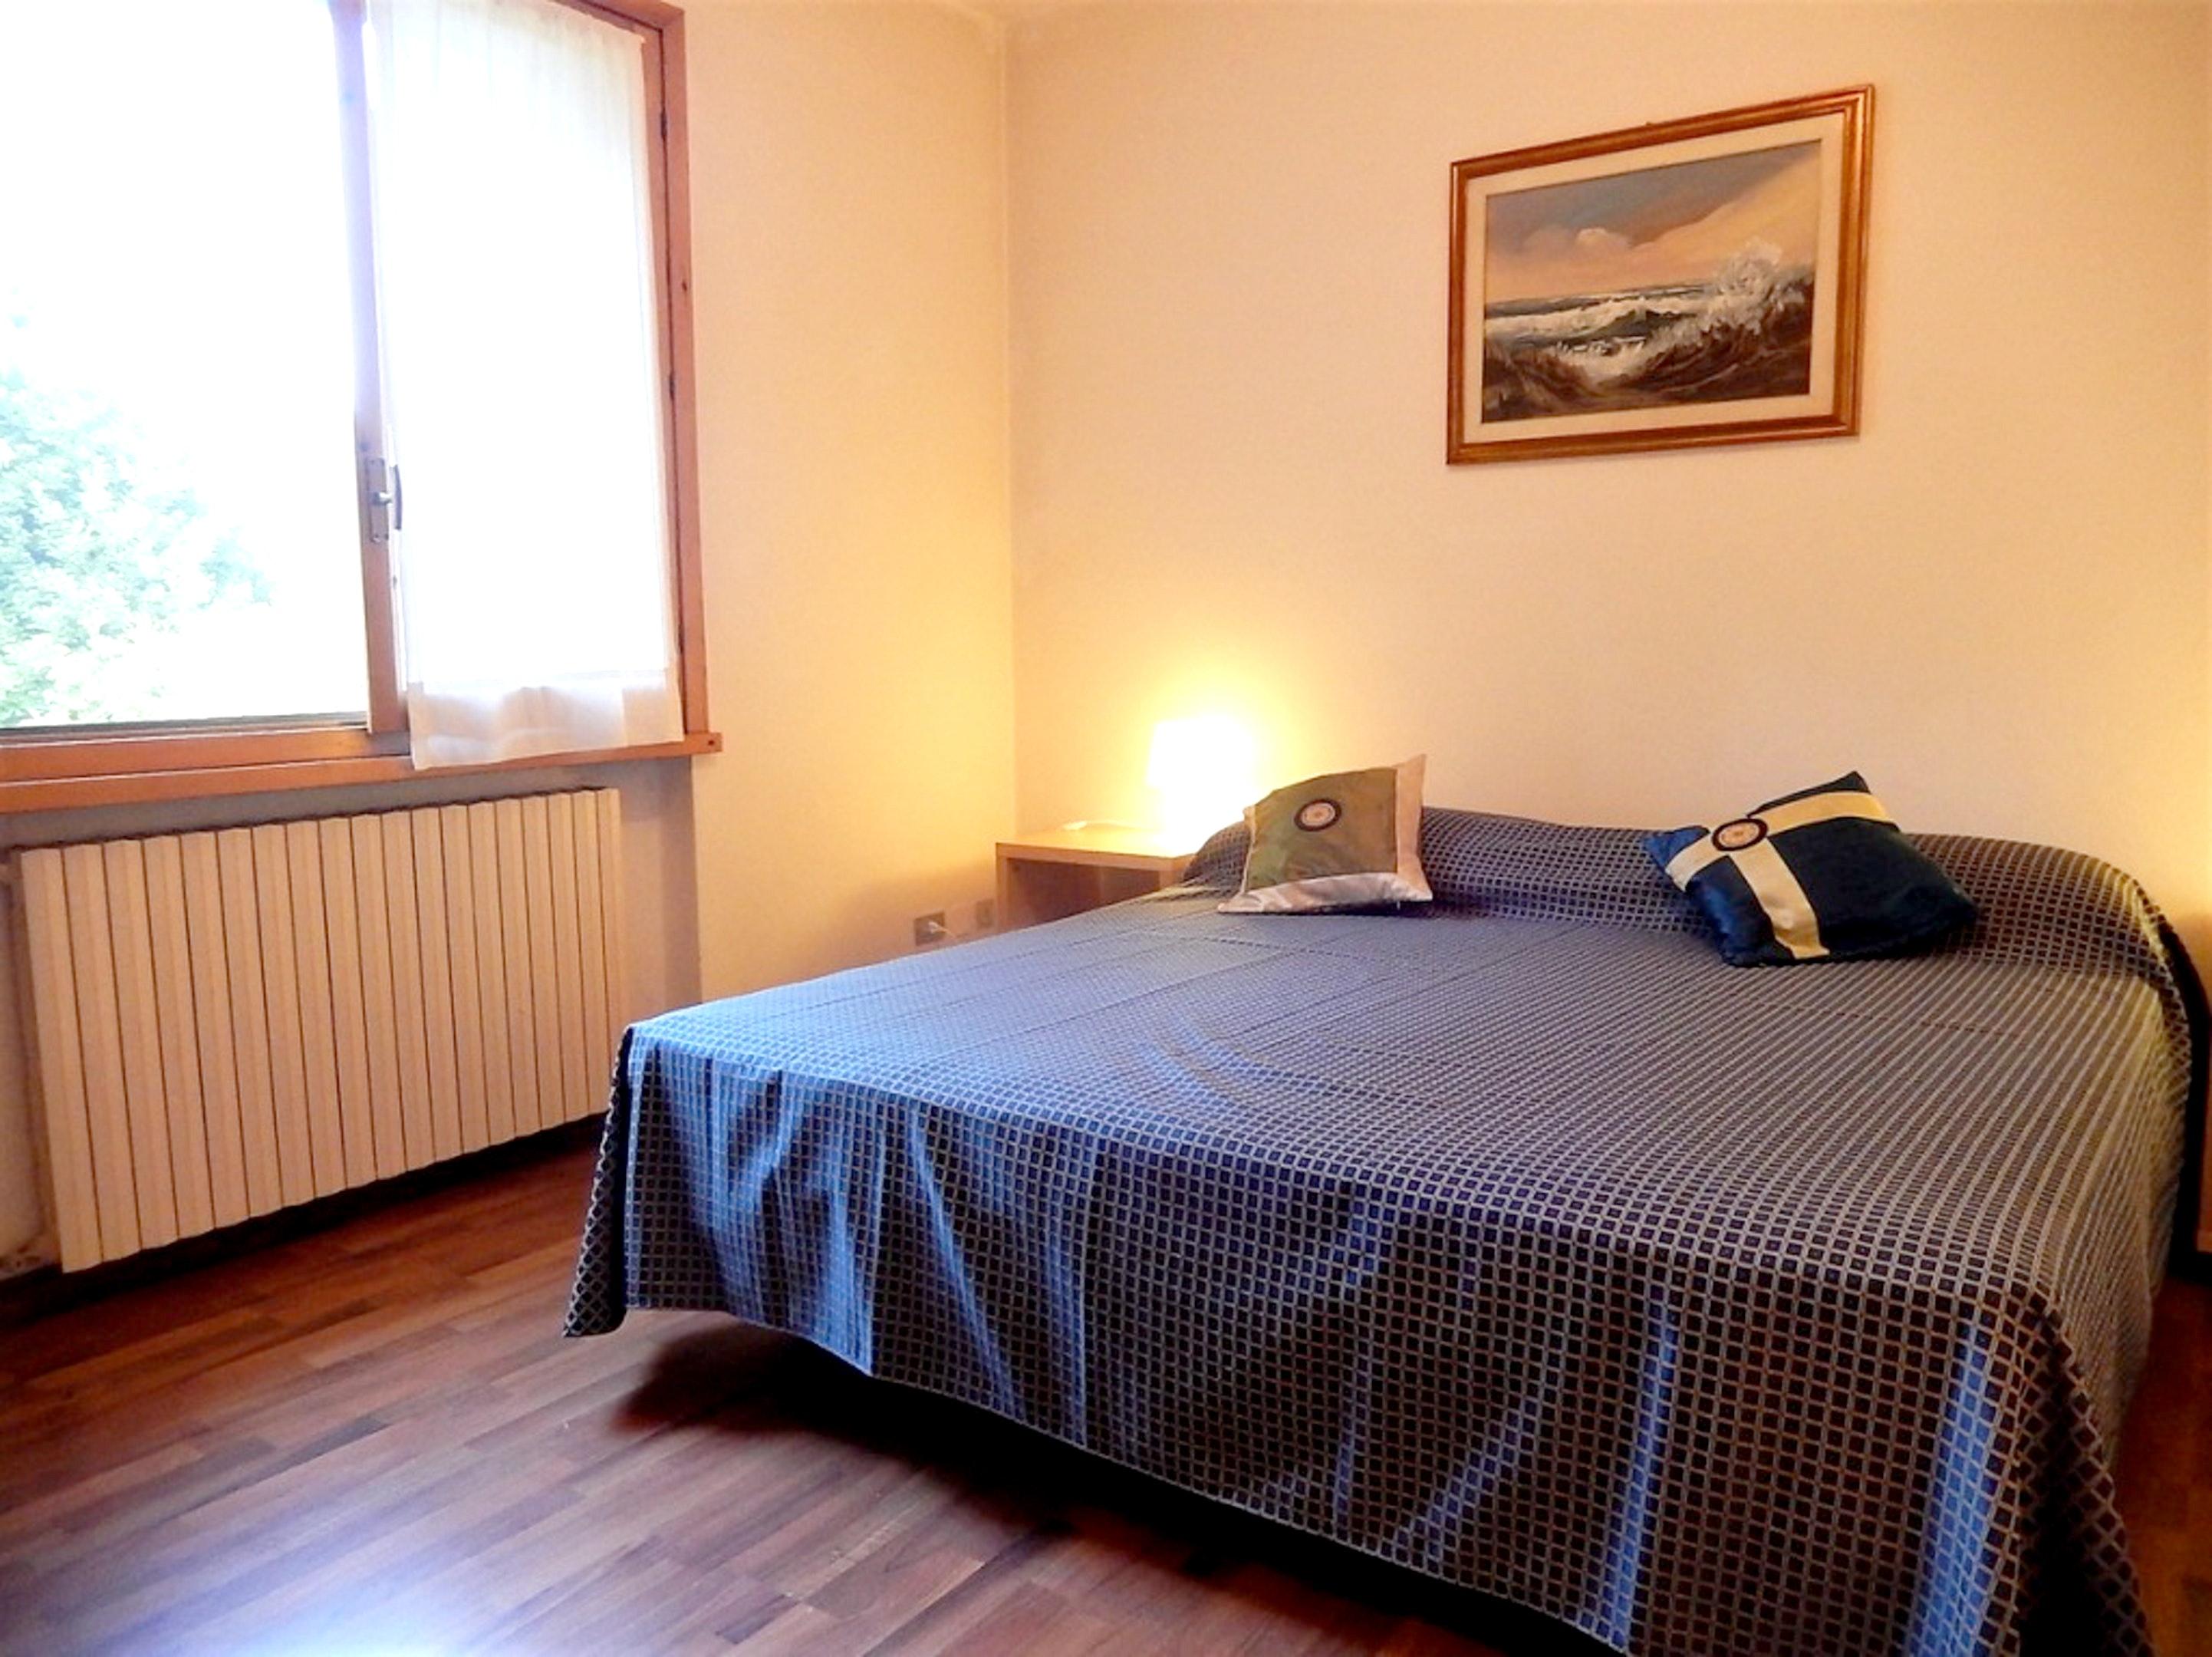 Ferienhaus Villa mit 5 Schlafzimmern in Pesaro mit privatem Pool, eingezäuntem Garten und W-LAN - 3 k (2202299), Pesaro, Pesaro und Urbino, Marken, Italien, Bild 9